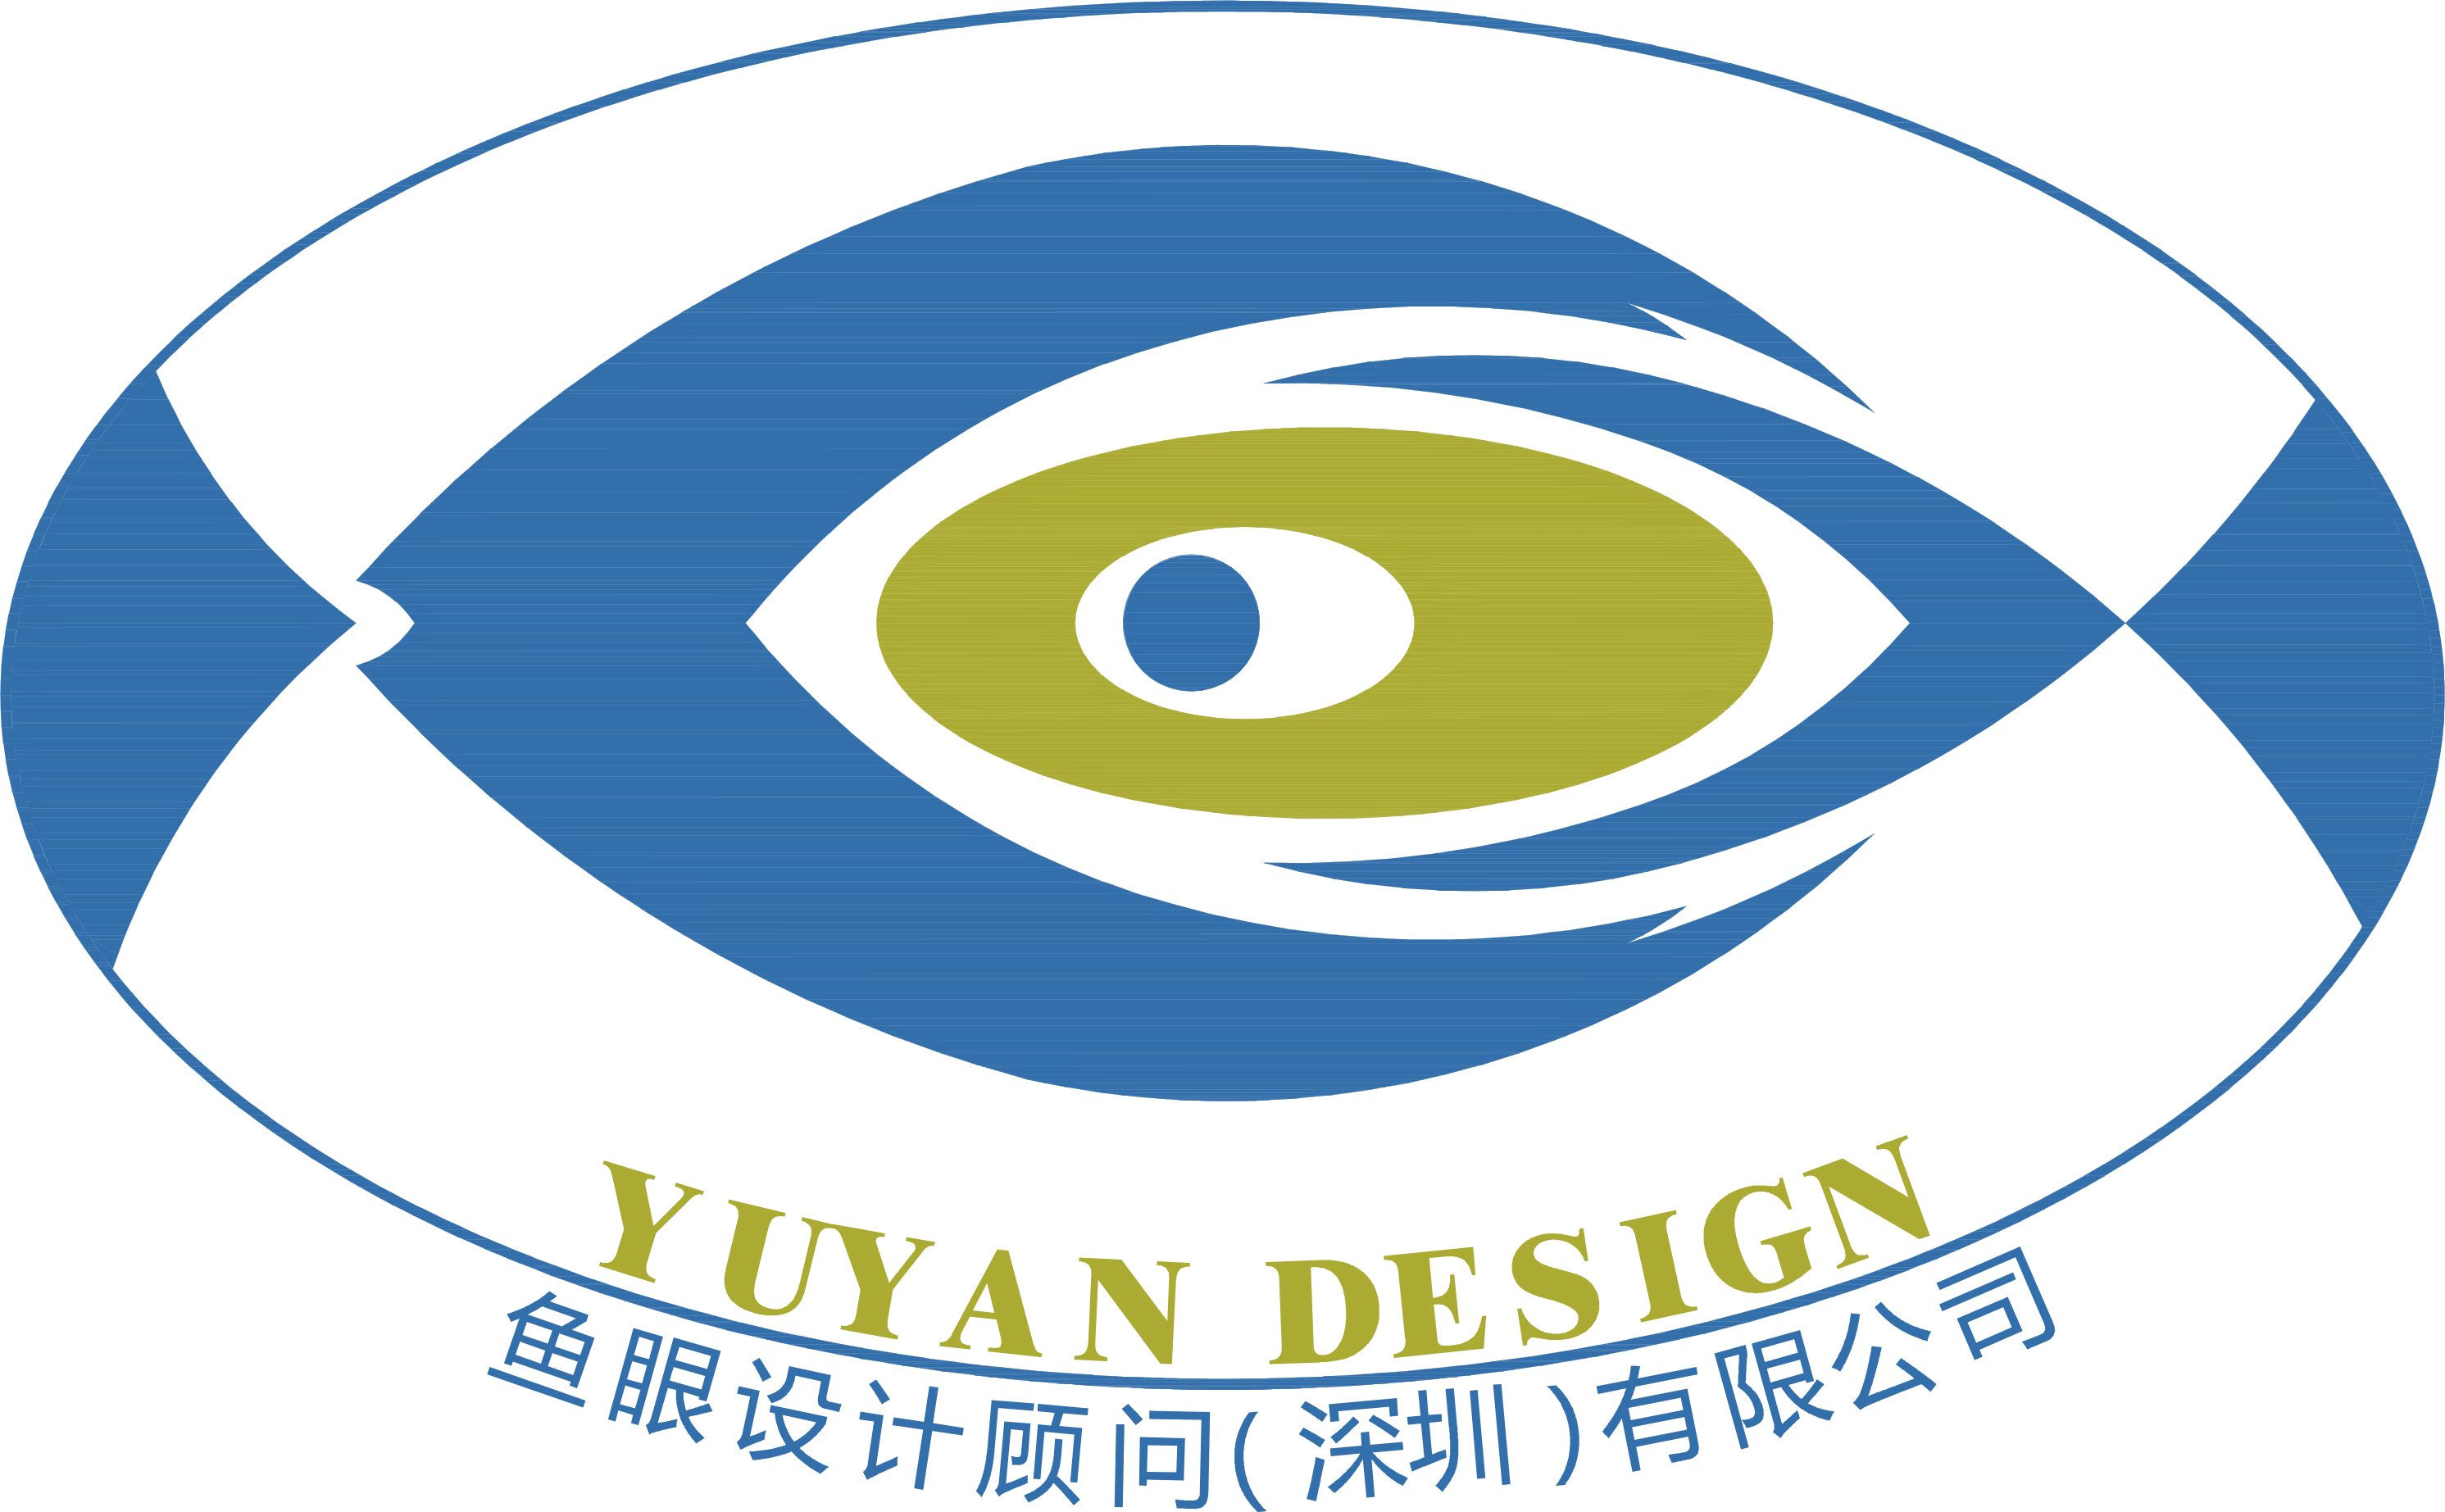 鱼眼设计顾问(深圳)有限公司